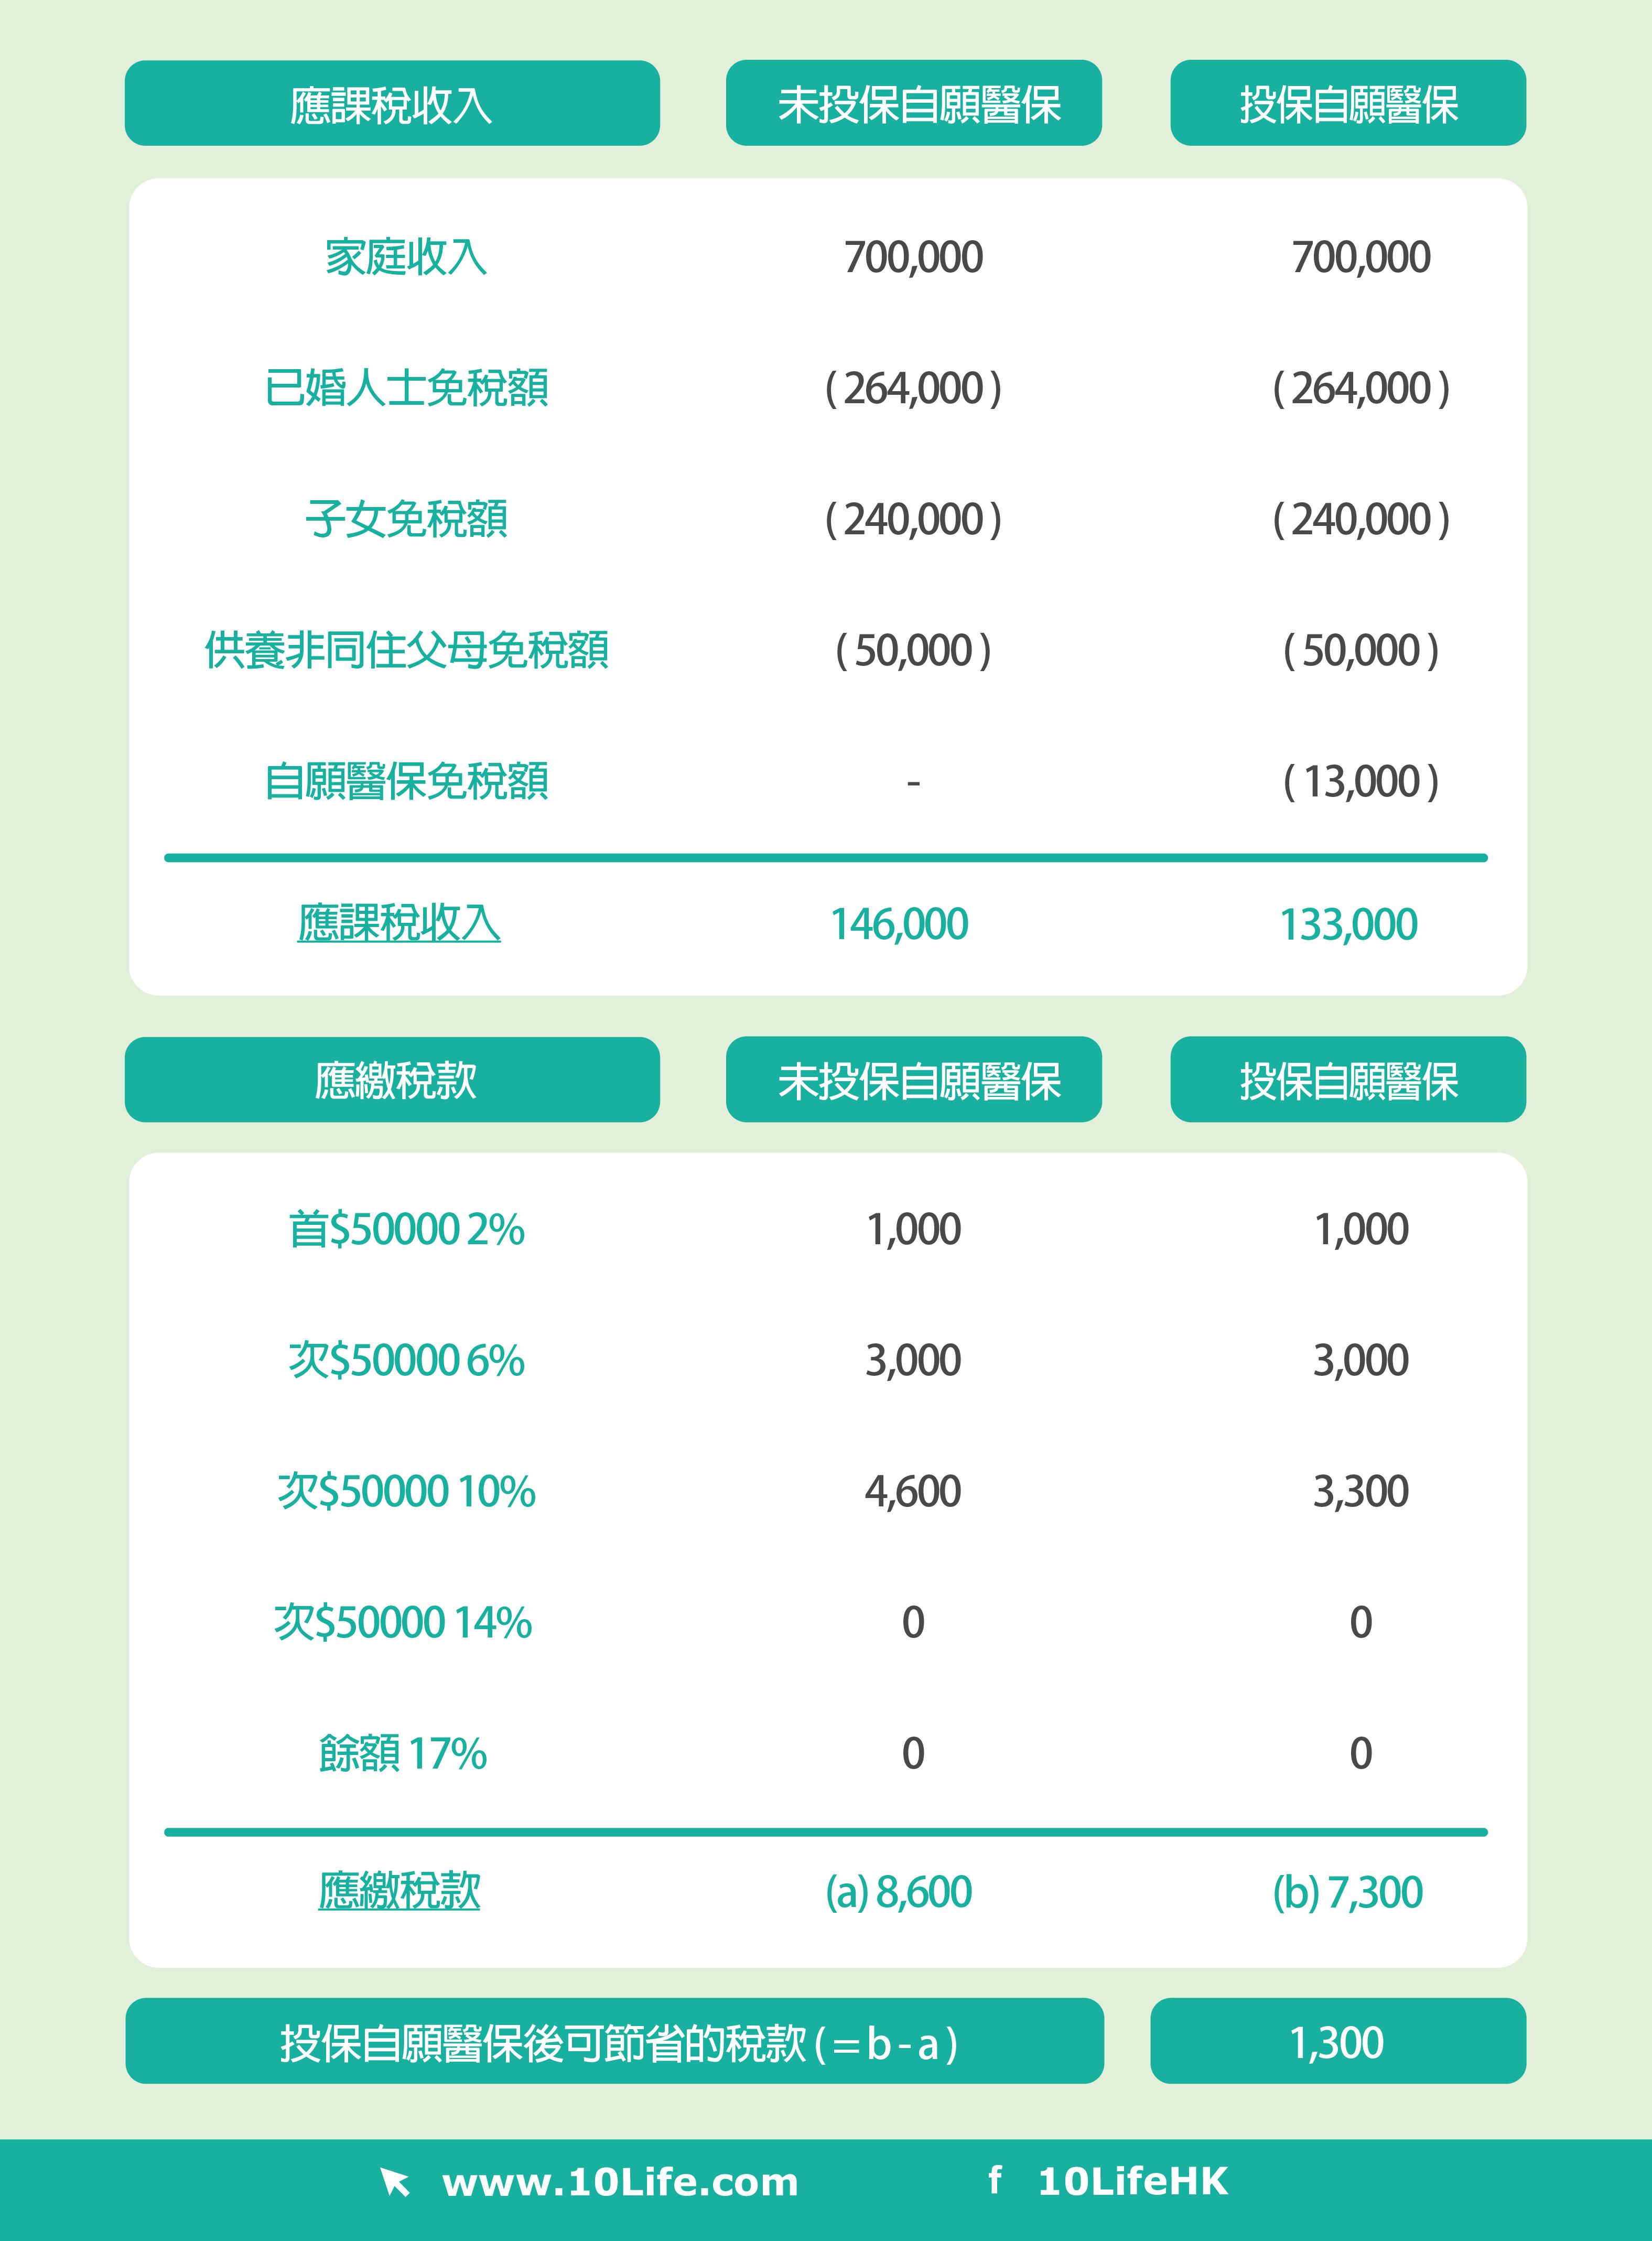 自願醫保VHIS扣稅款項並不多,每8000元的免稅額最多僅減少稅款$1360